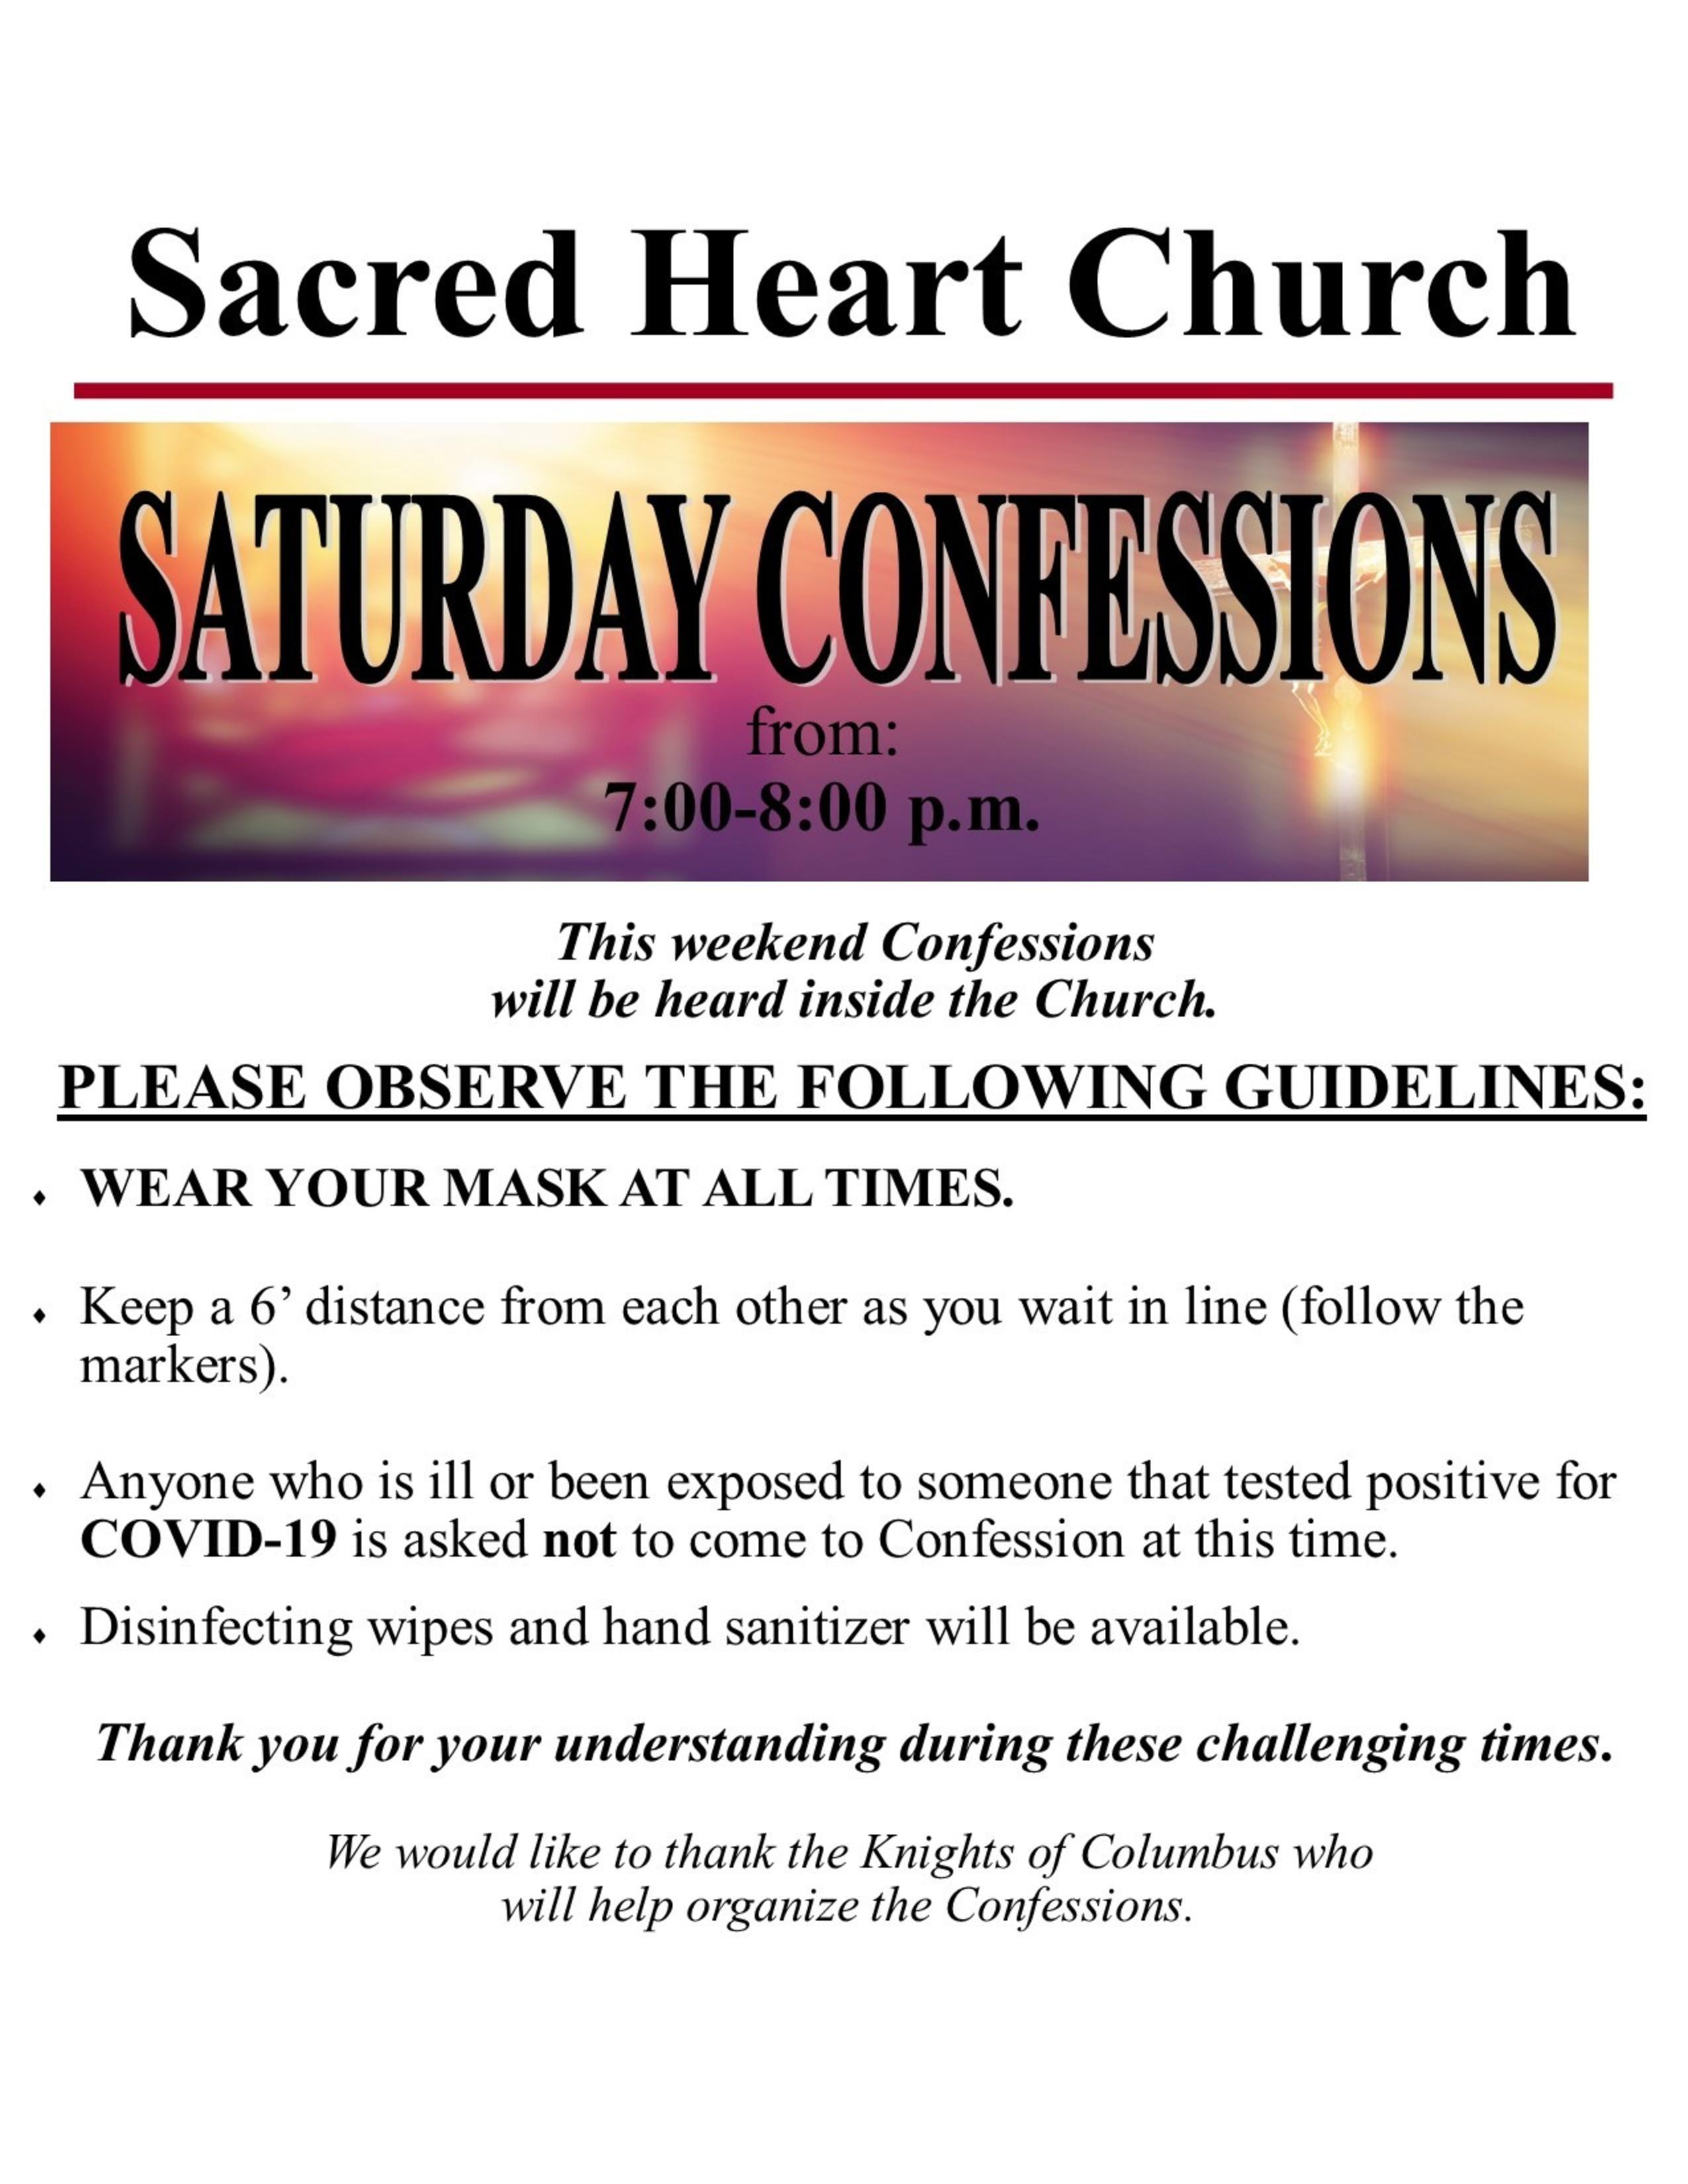 Confessiones Covid 2020 1